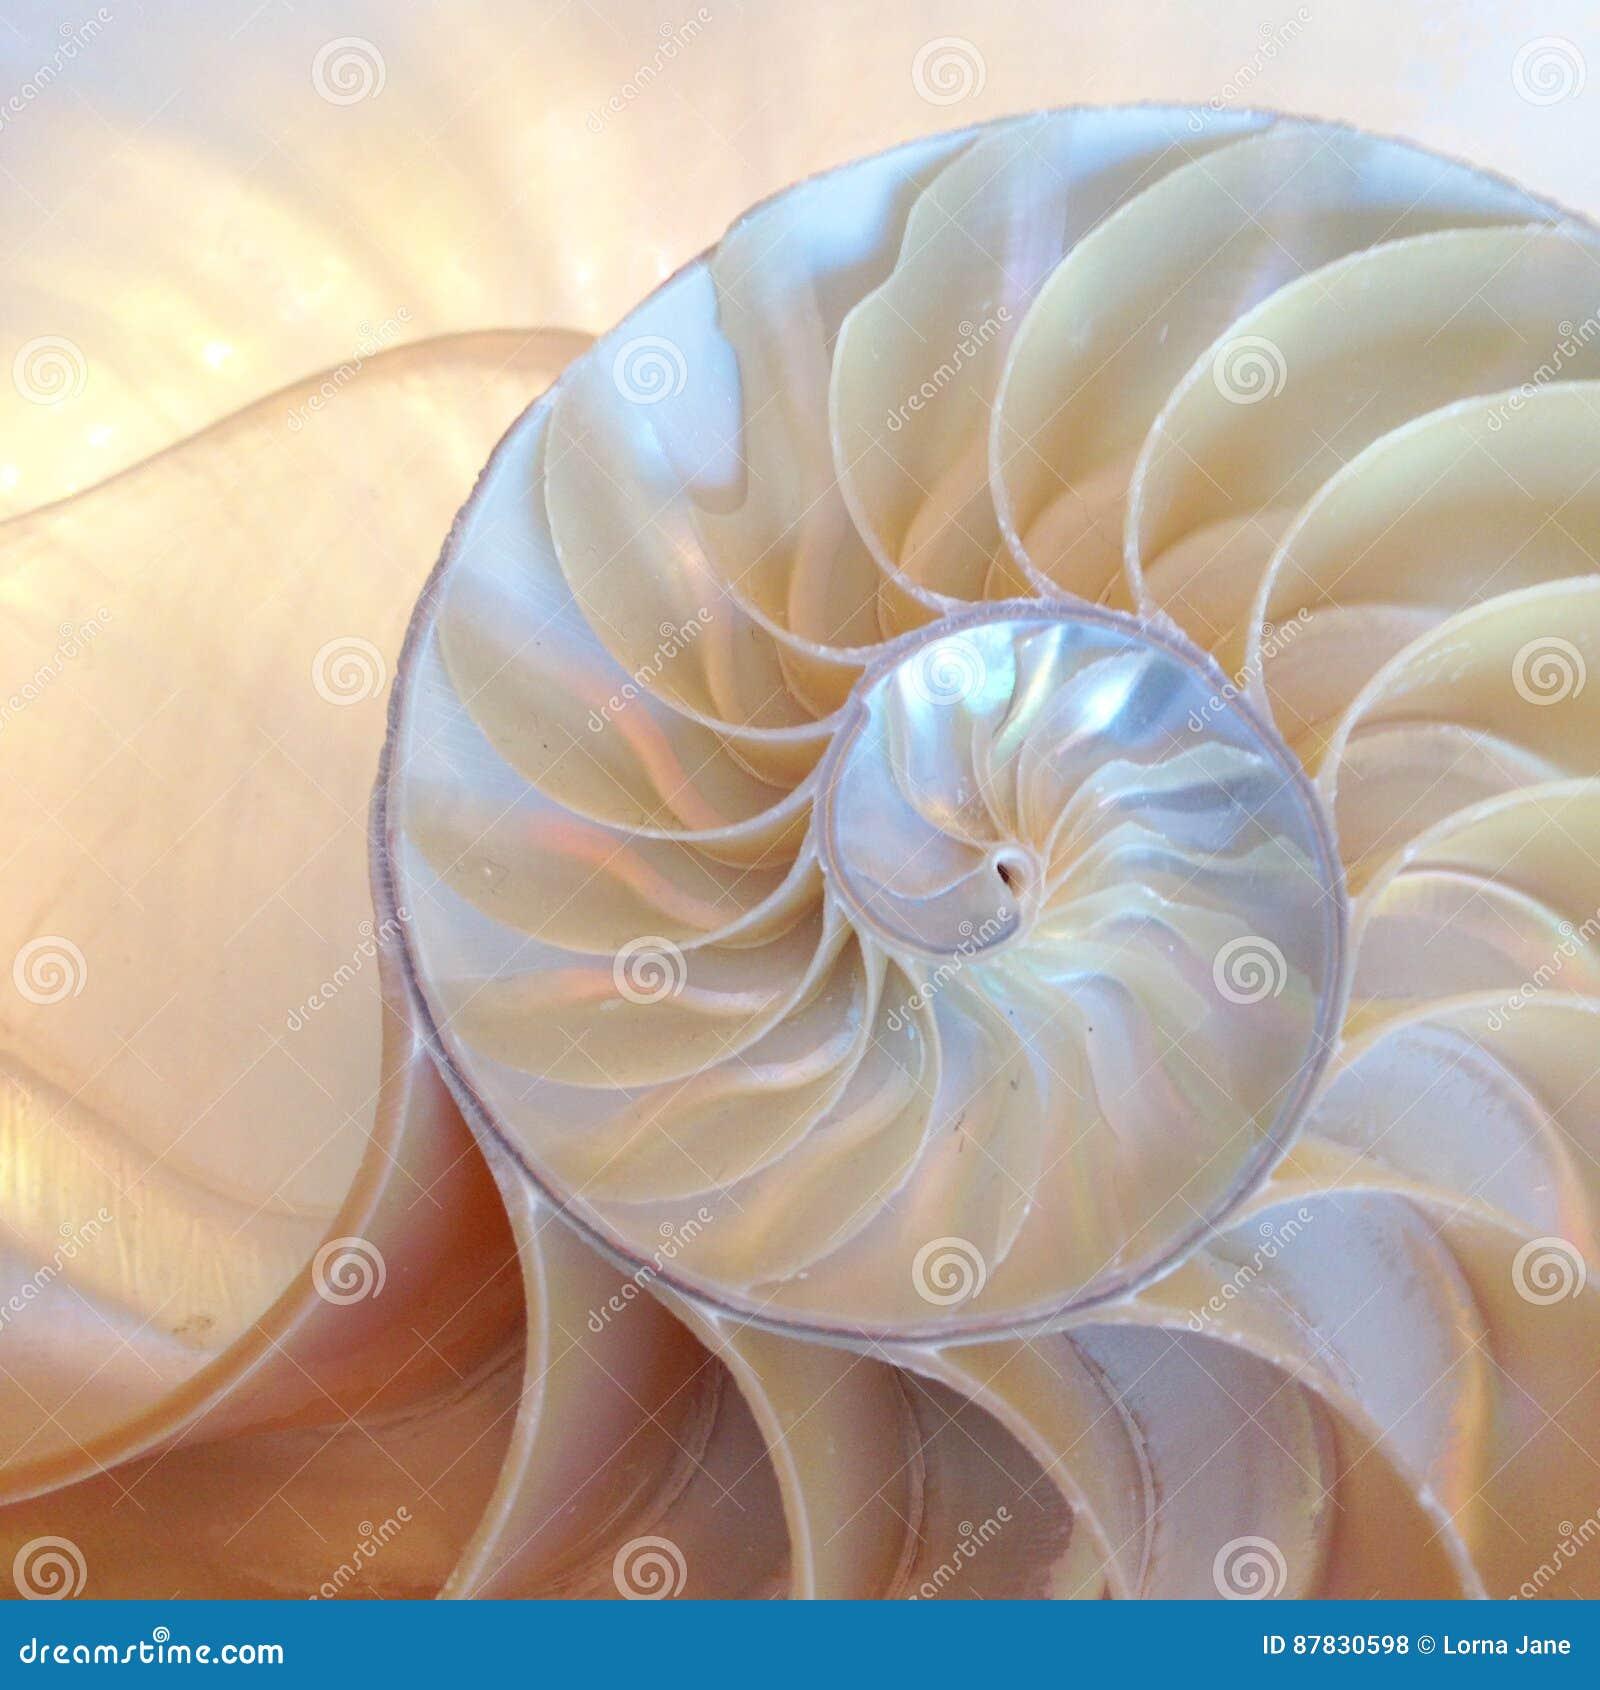 Nautilusshell halve de dwarsdoorsnede spiraalvormige gouden verhouding de dichte omhoog achter aangestoken moeder van symmetriefi